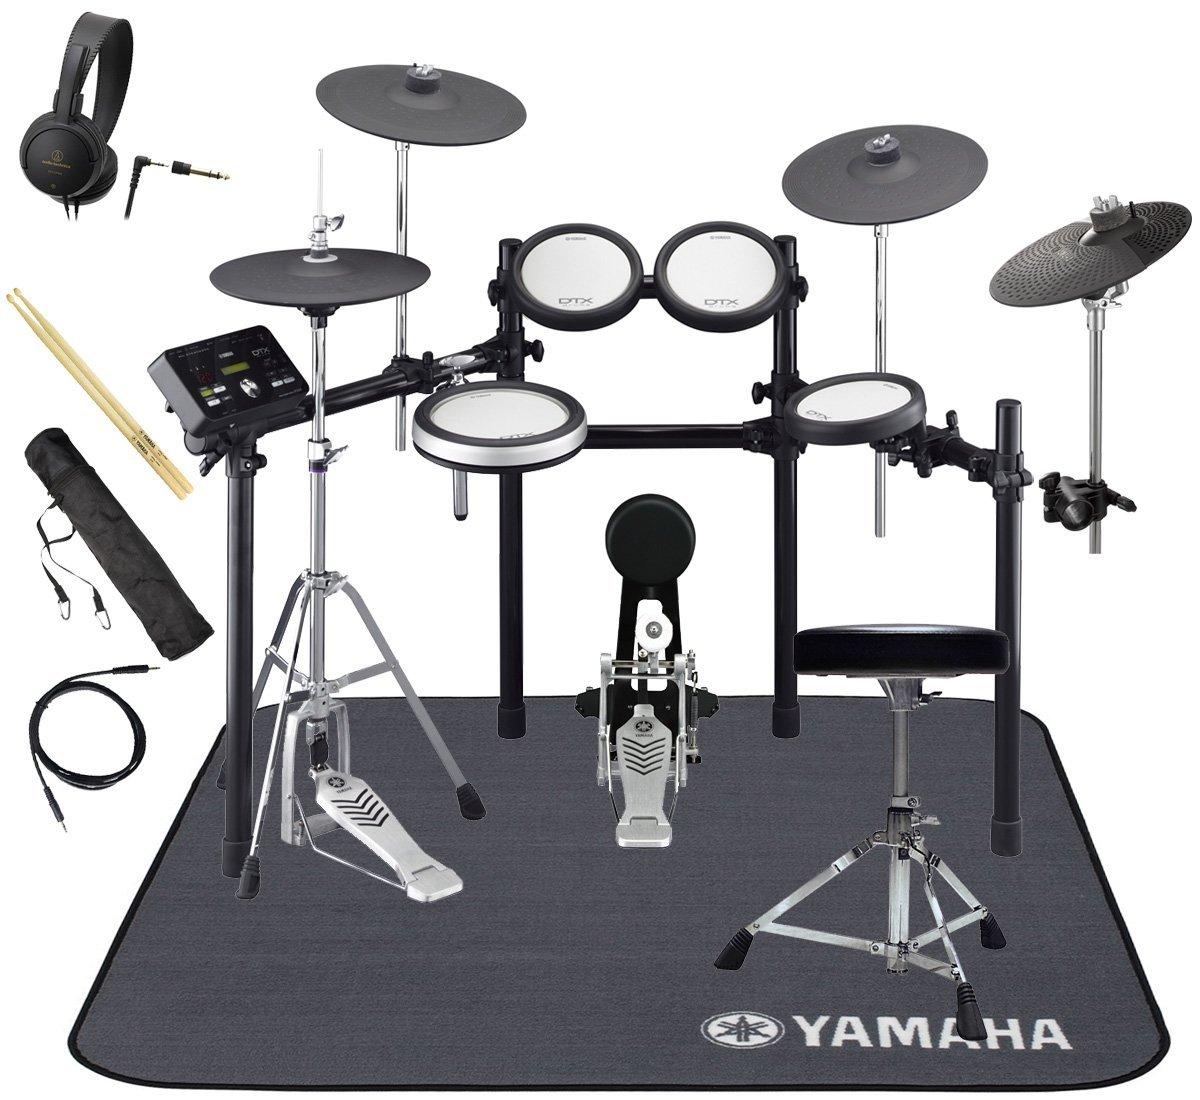 ファッションデザイナー YAMAHA 電子ドラム DTX562KFS 3シンバル 3シンバル オリジナルスターターパック 純正マットセット 電子ドラム B07G1381B8 B07G1381B8, いーでん:bd6a1208 --- newtutor.officeporto.com